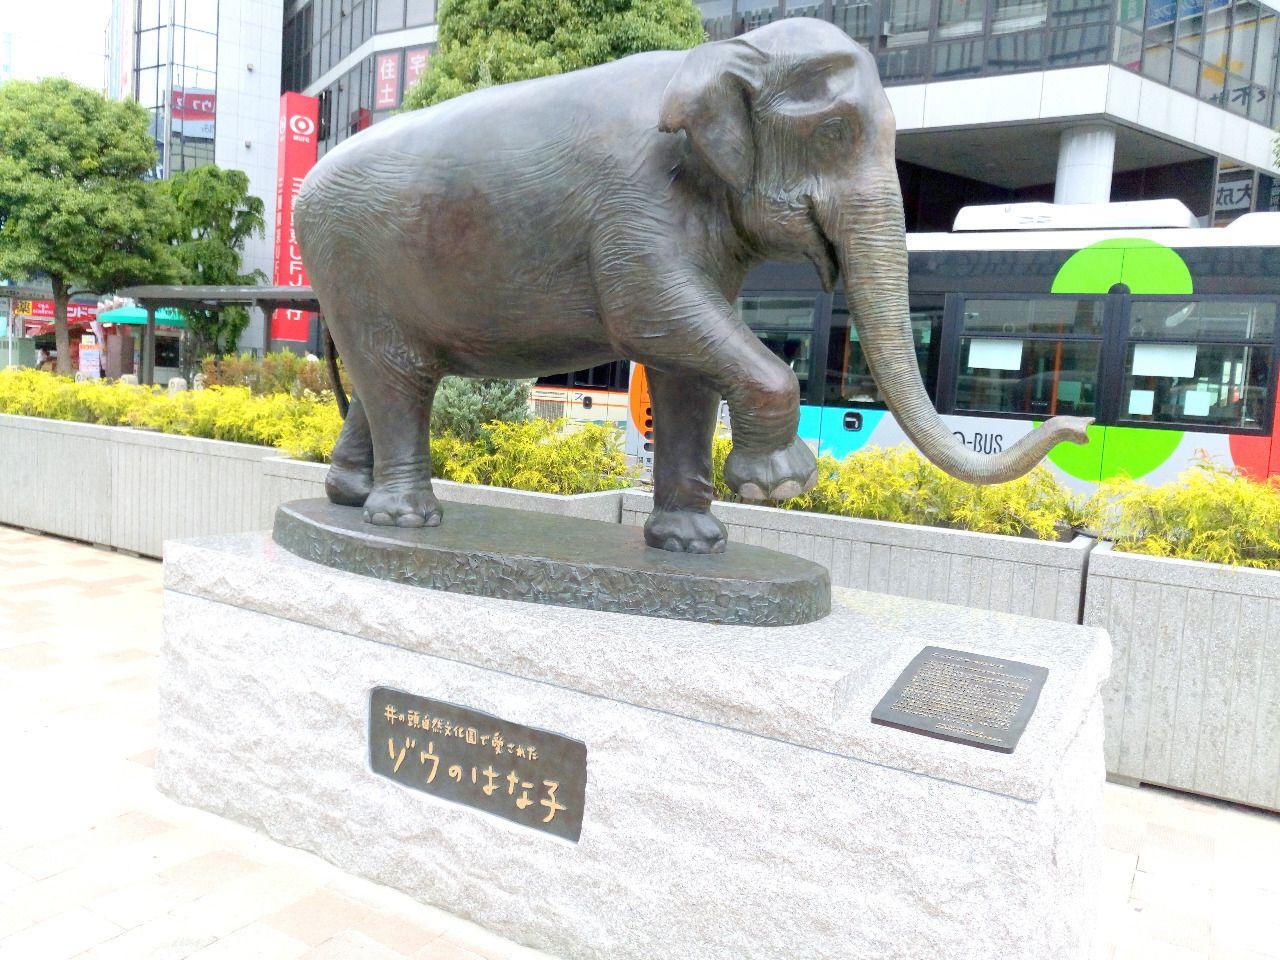 2016年に亡くなった井之頭動物園のはな子の像が吉祥寺駅前にできました